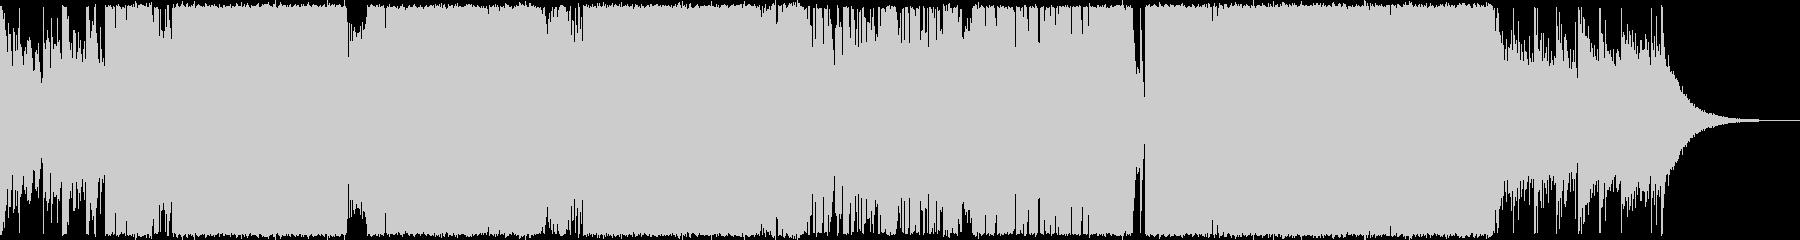 バトル系トランス曲の未再生の波形